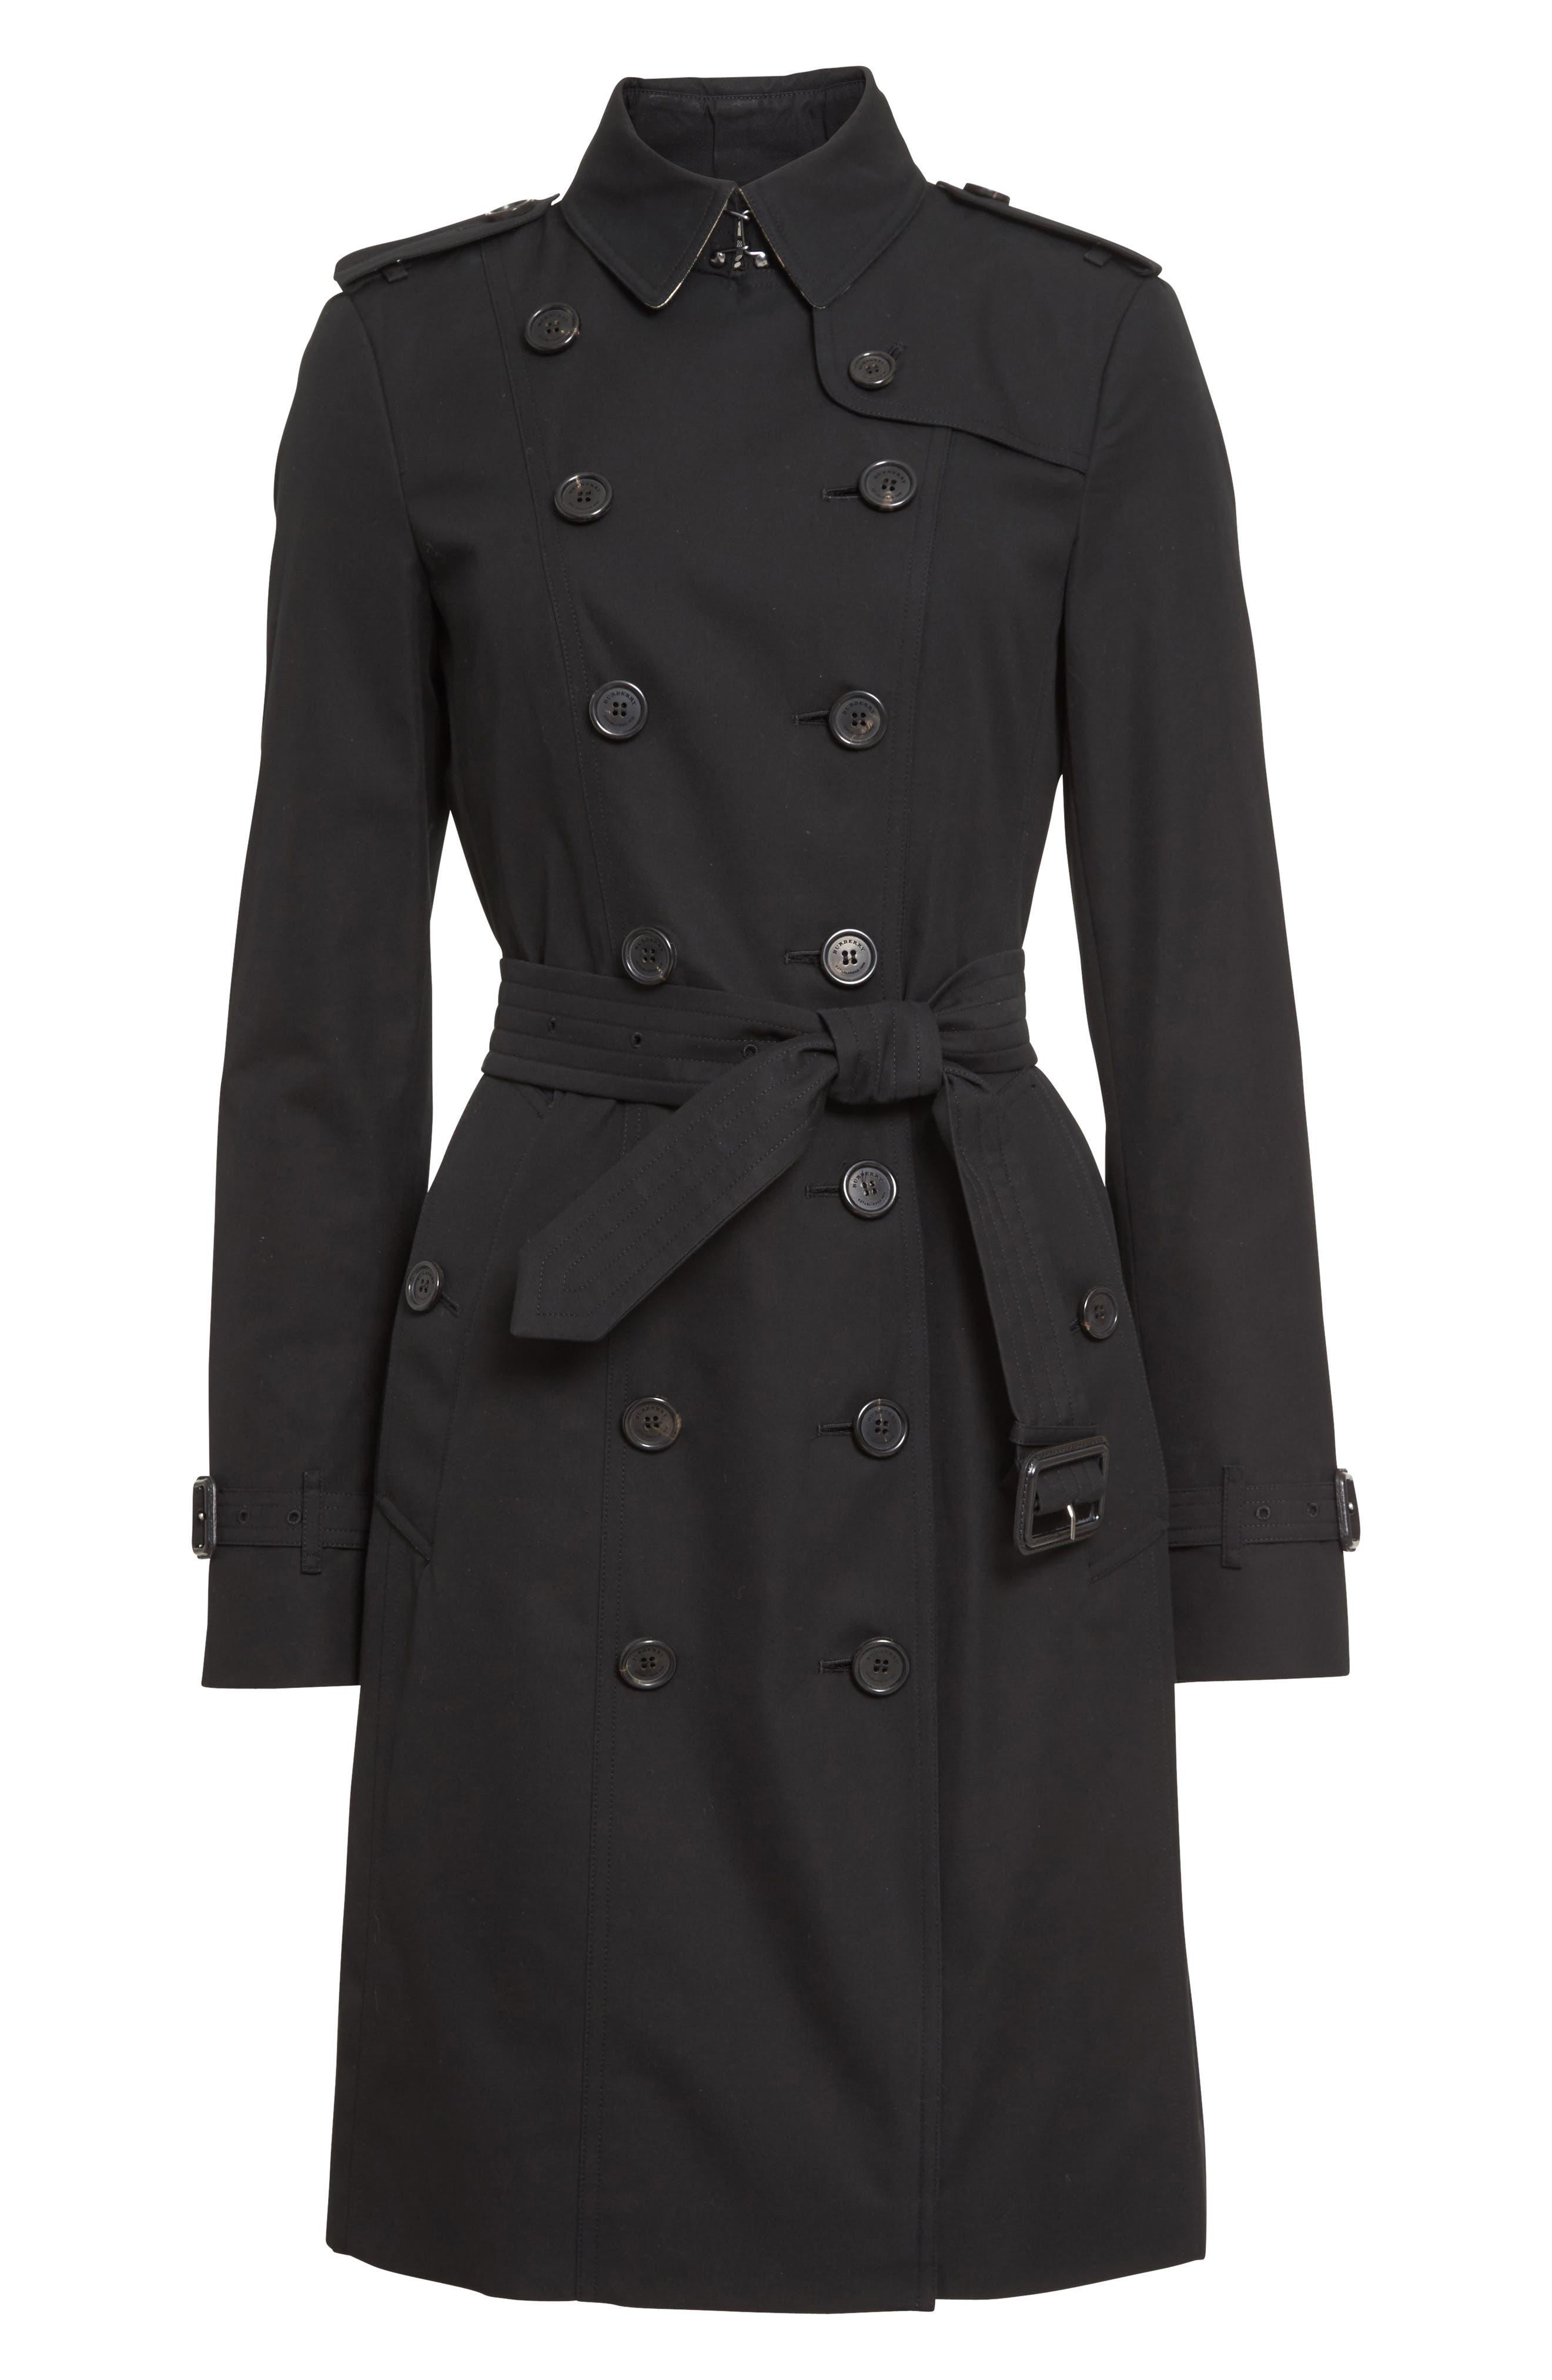 BURBERRY, Sandringham Long Slim Trench Coat, Alternate thumbnail 5, color, BLACK